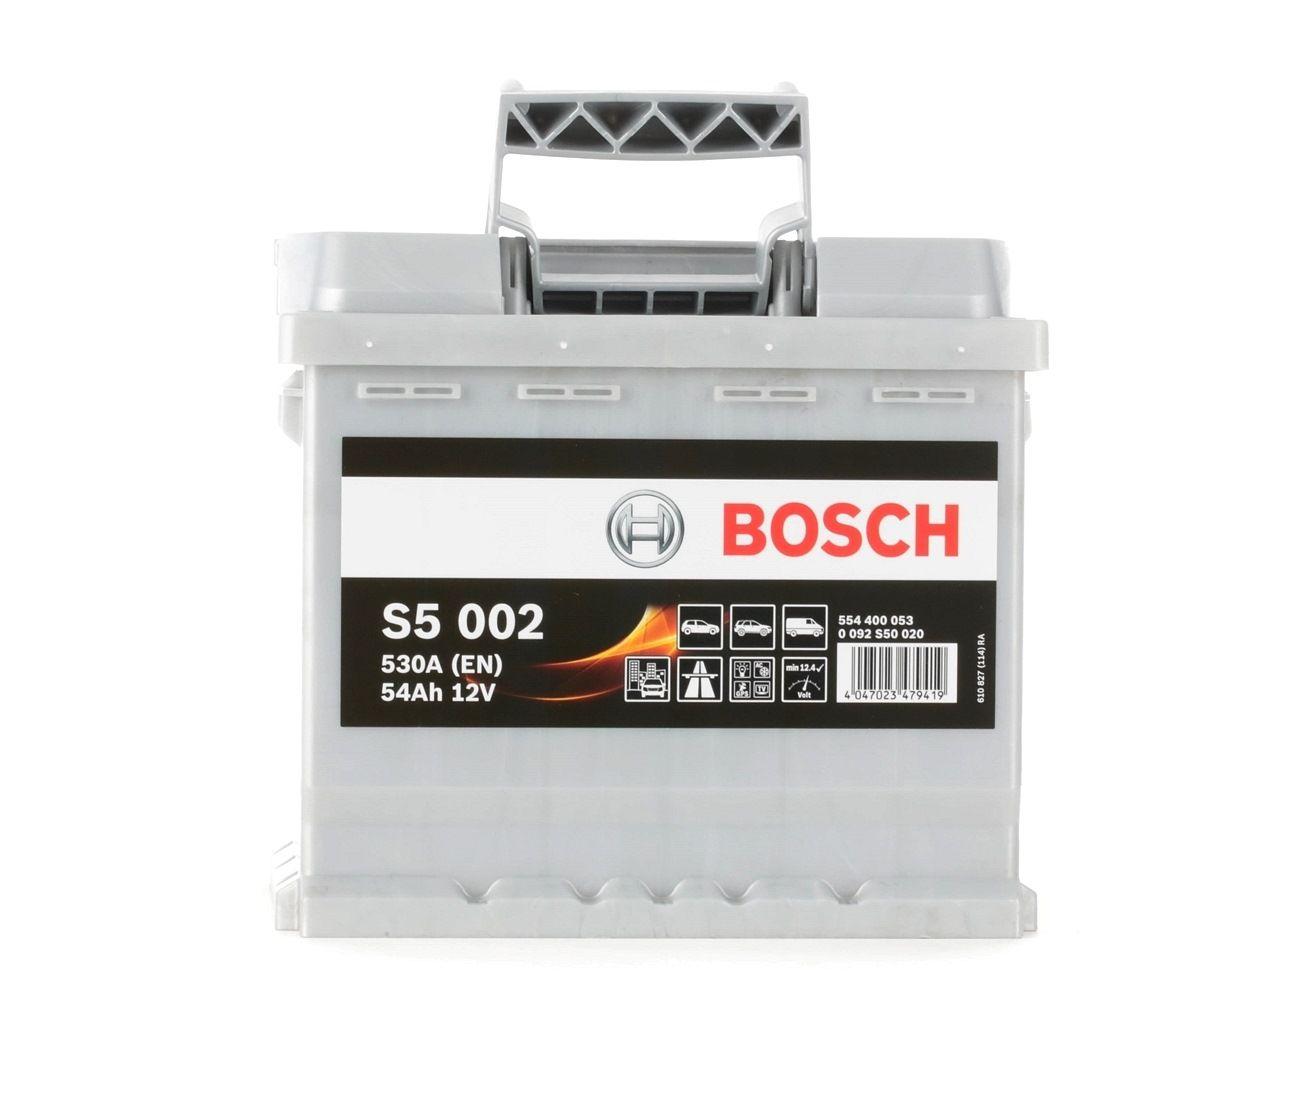 Batterie BOSCH 554400053 Bewertung